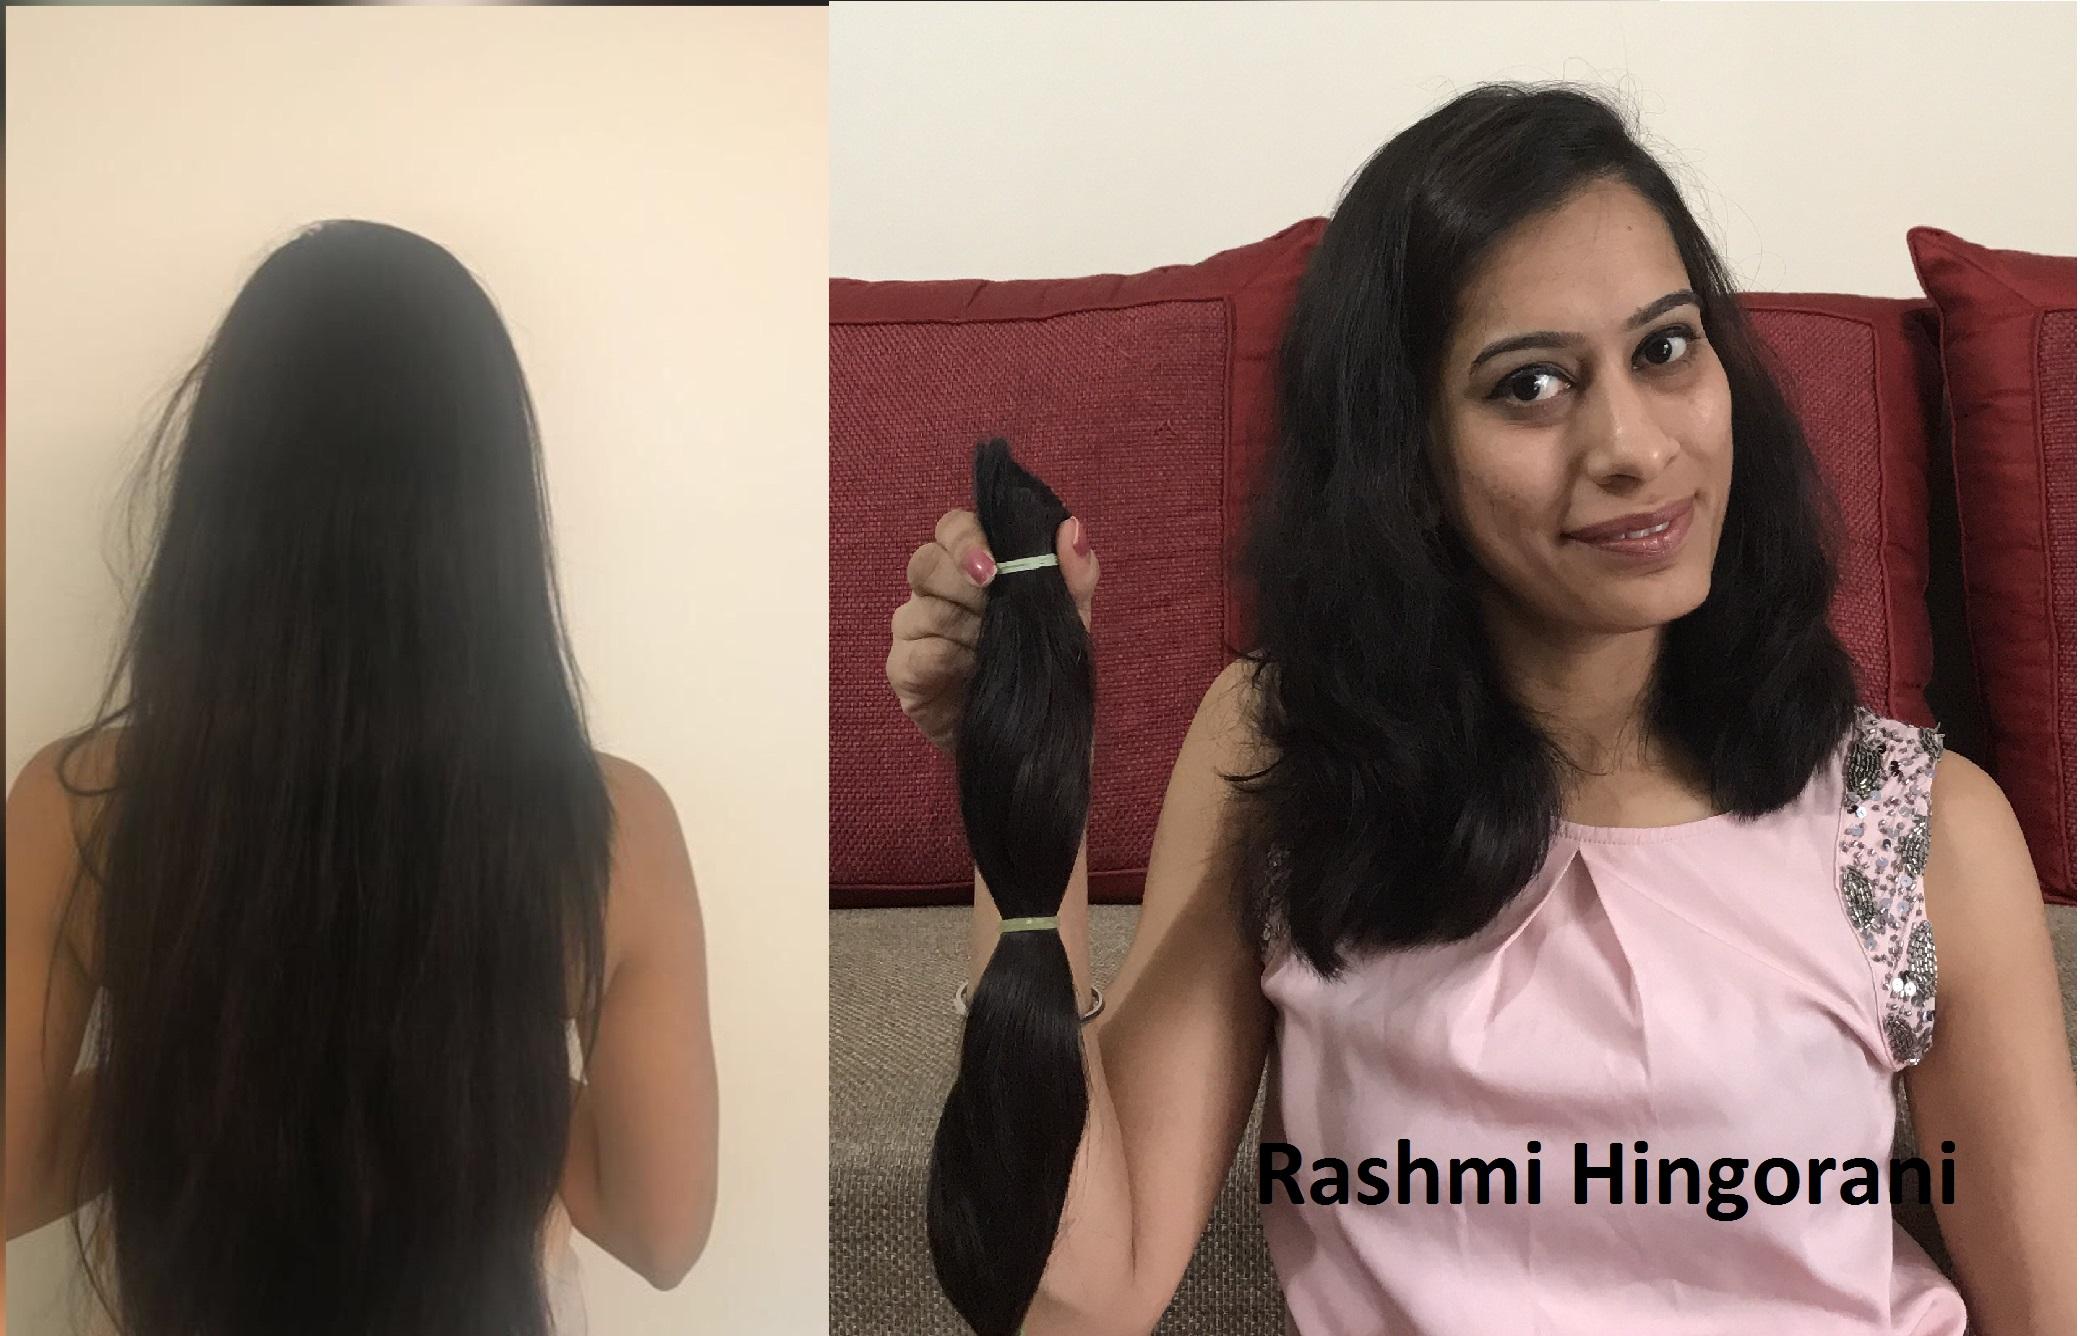 Rashmi Hingorani